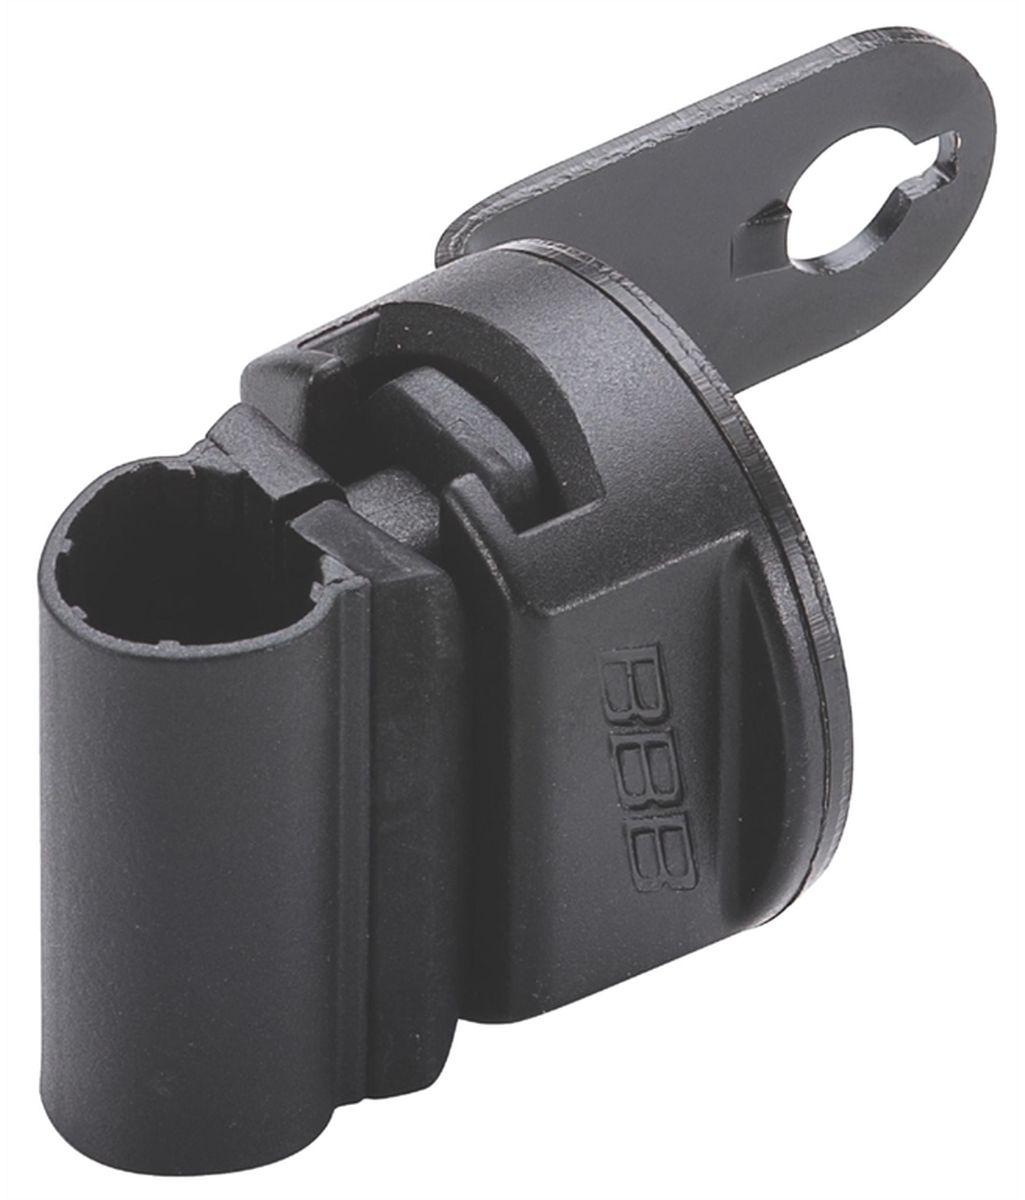 Держатель для велозамка BBB CableFix BracketZ90 blackУниверсальная крепежная скоба для тросов с замком BBB.Скоба крепится к подседельному штырю.Подходит для тросов диаметром: 6, 8, 10 и 12 мм.,